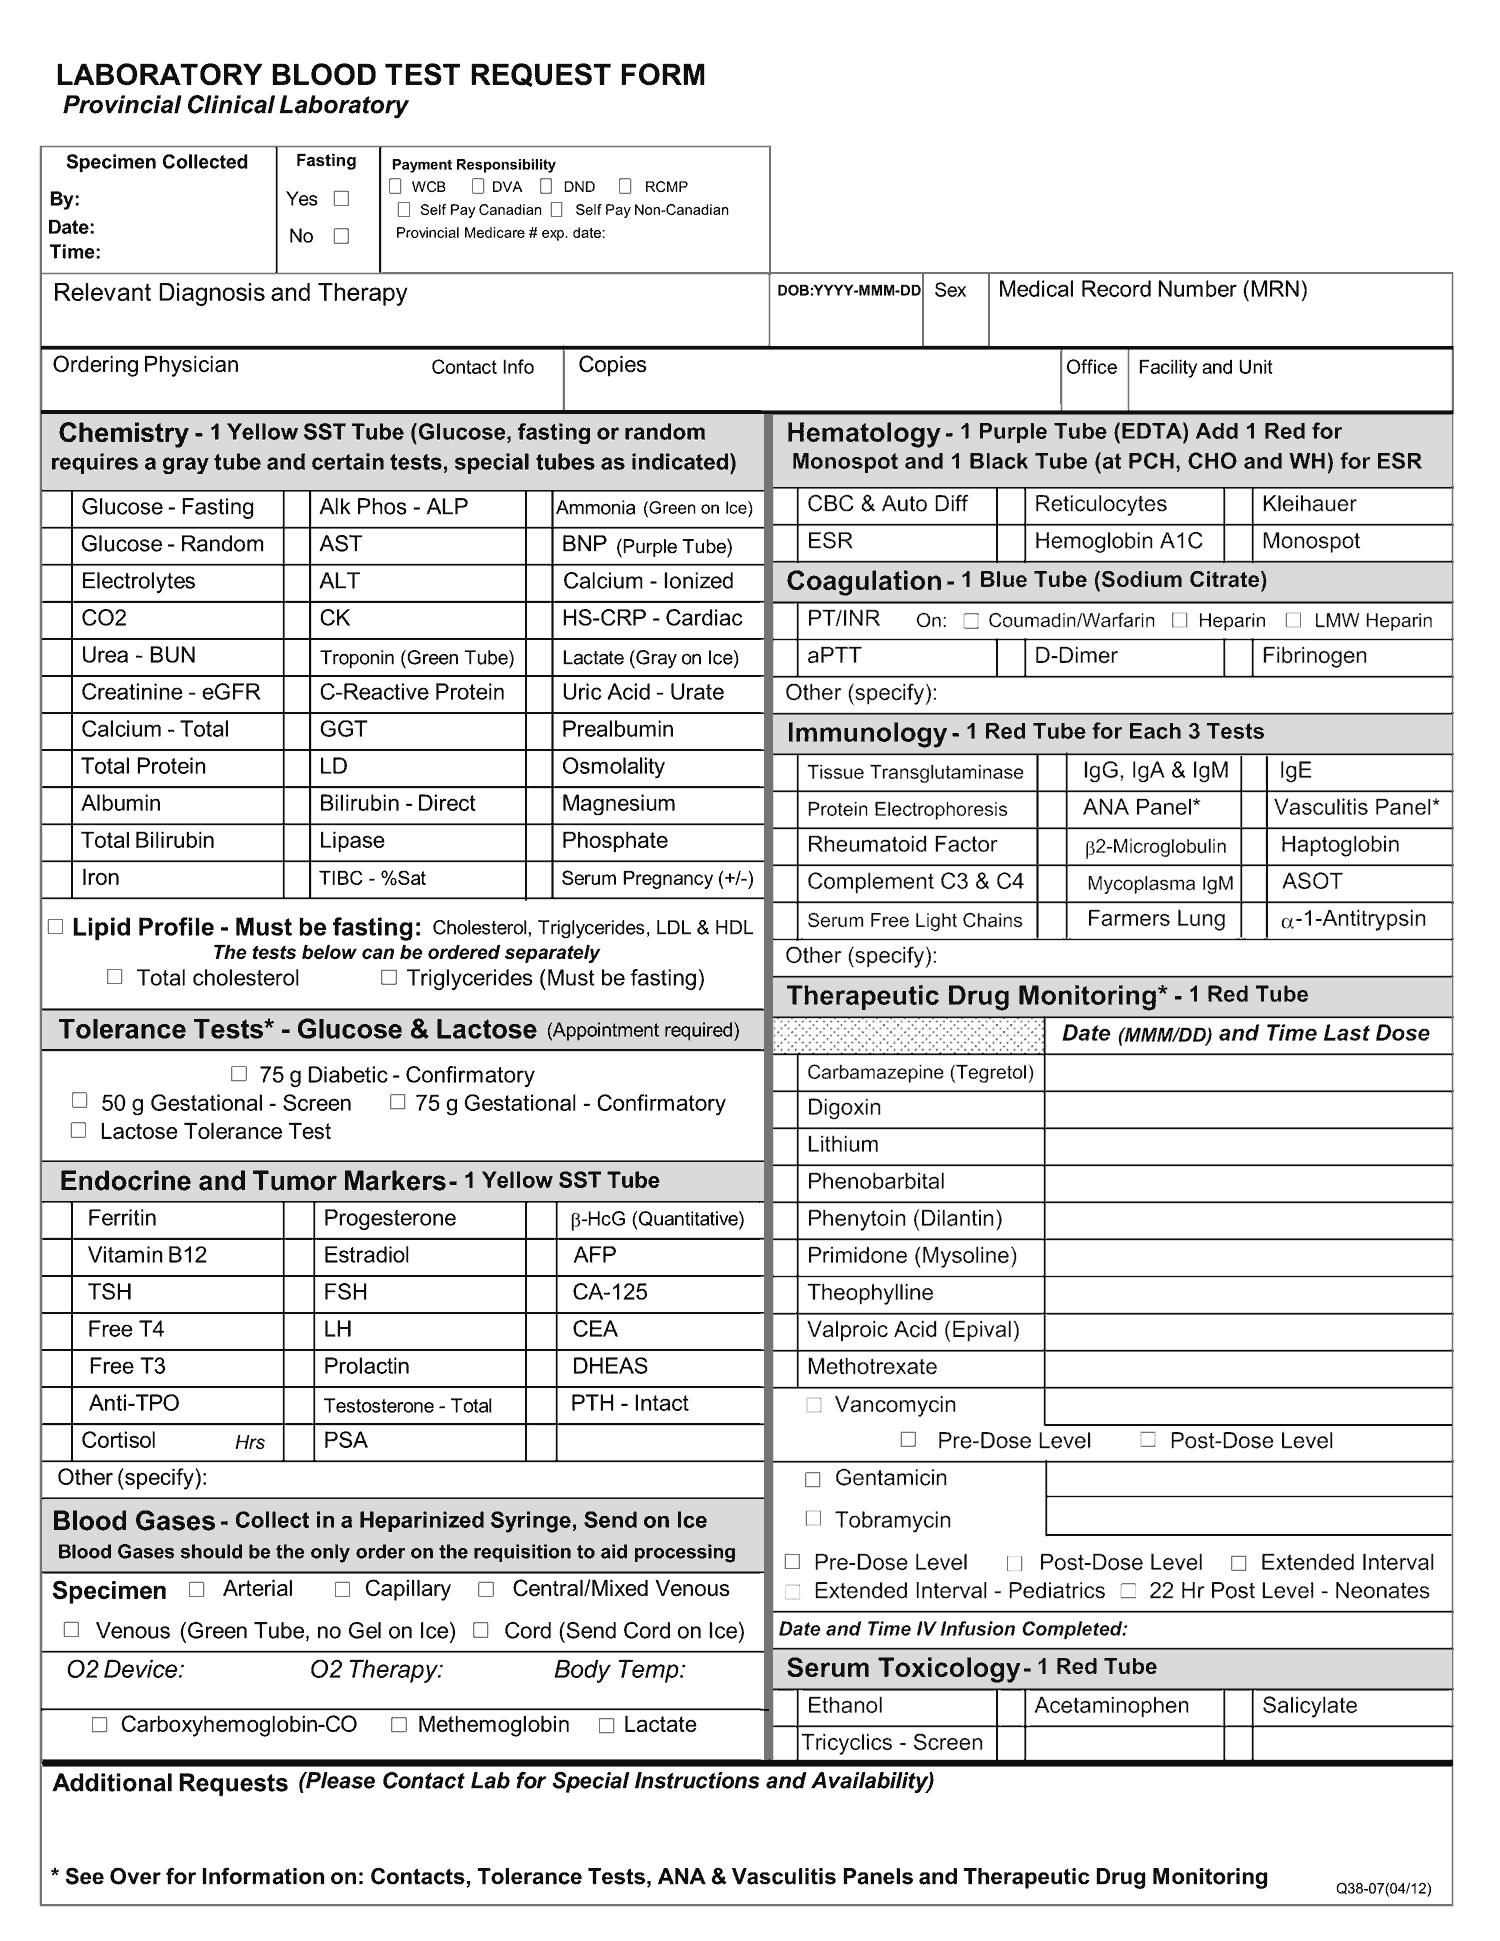 Formulaire de demande d'analyse sanguine en laboratoire